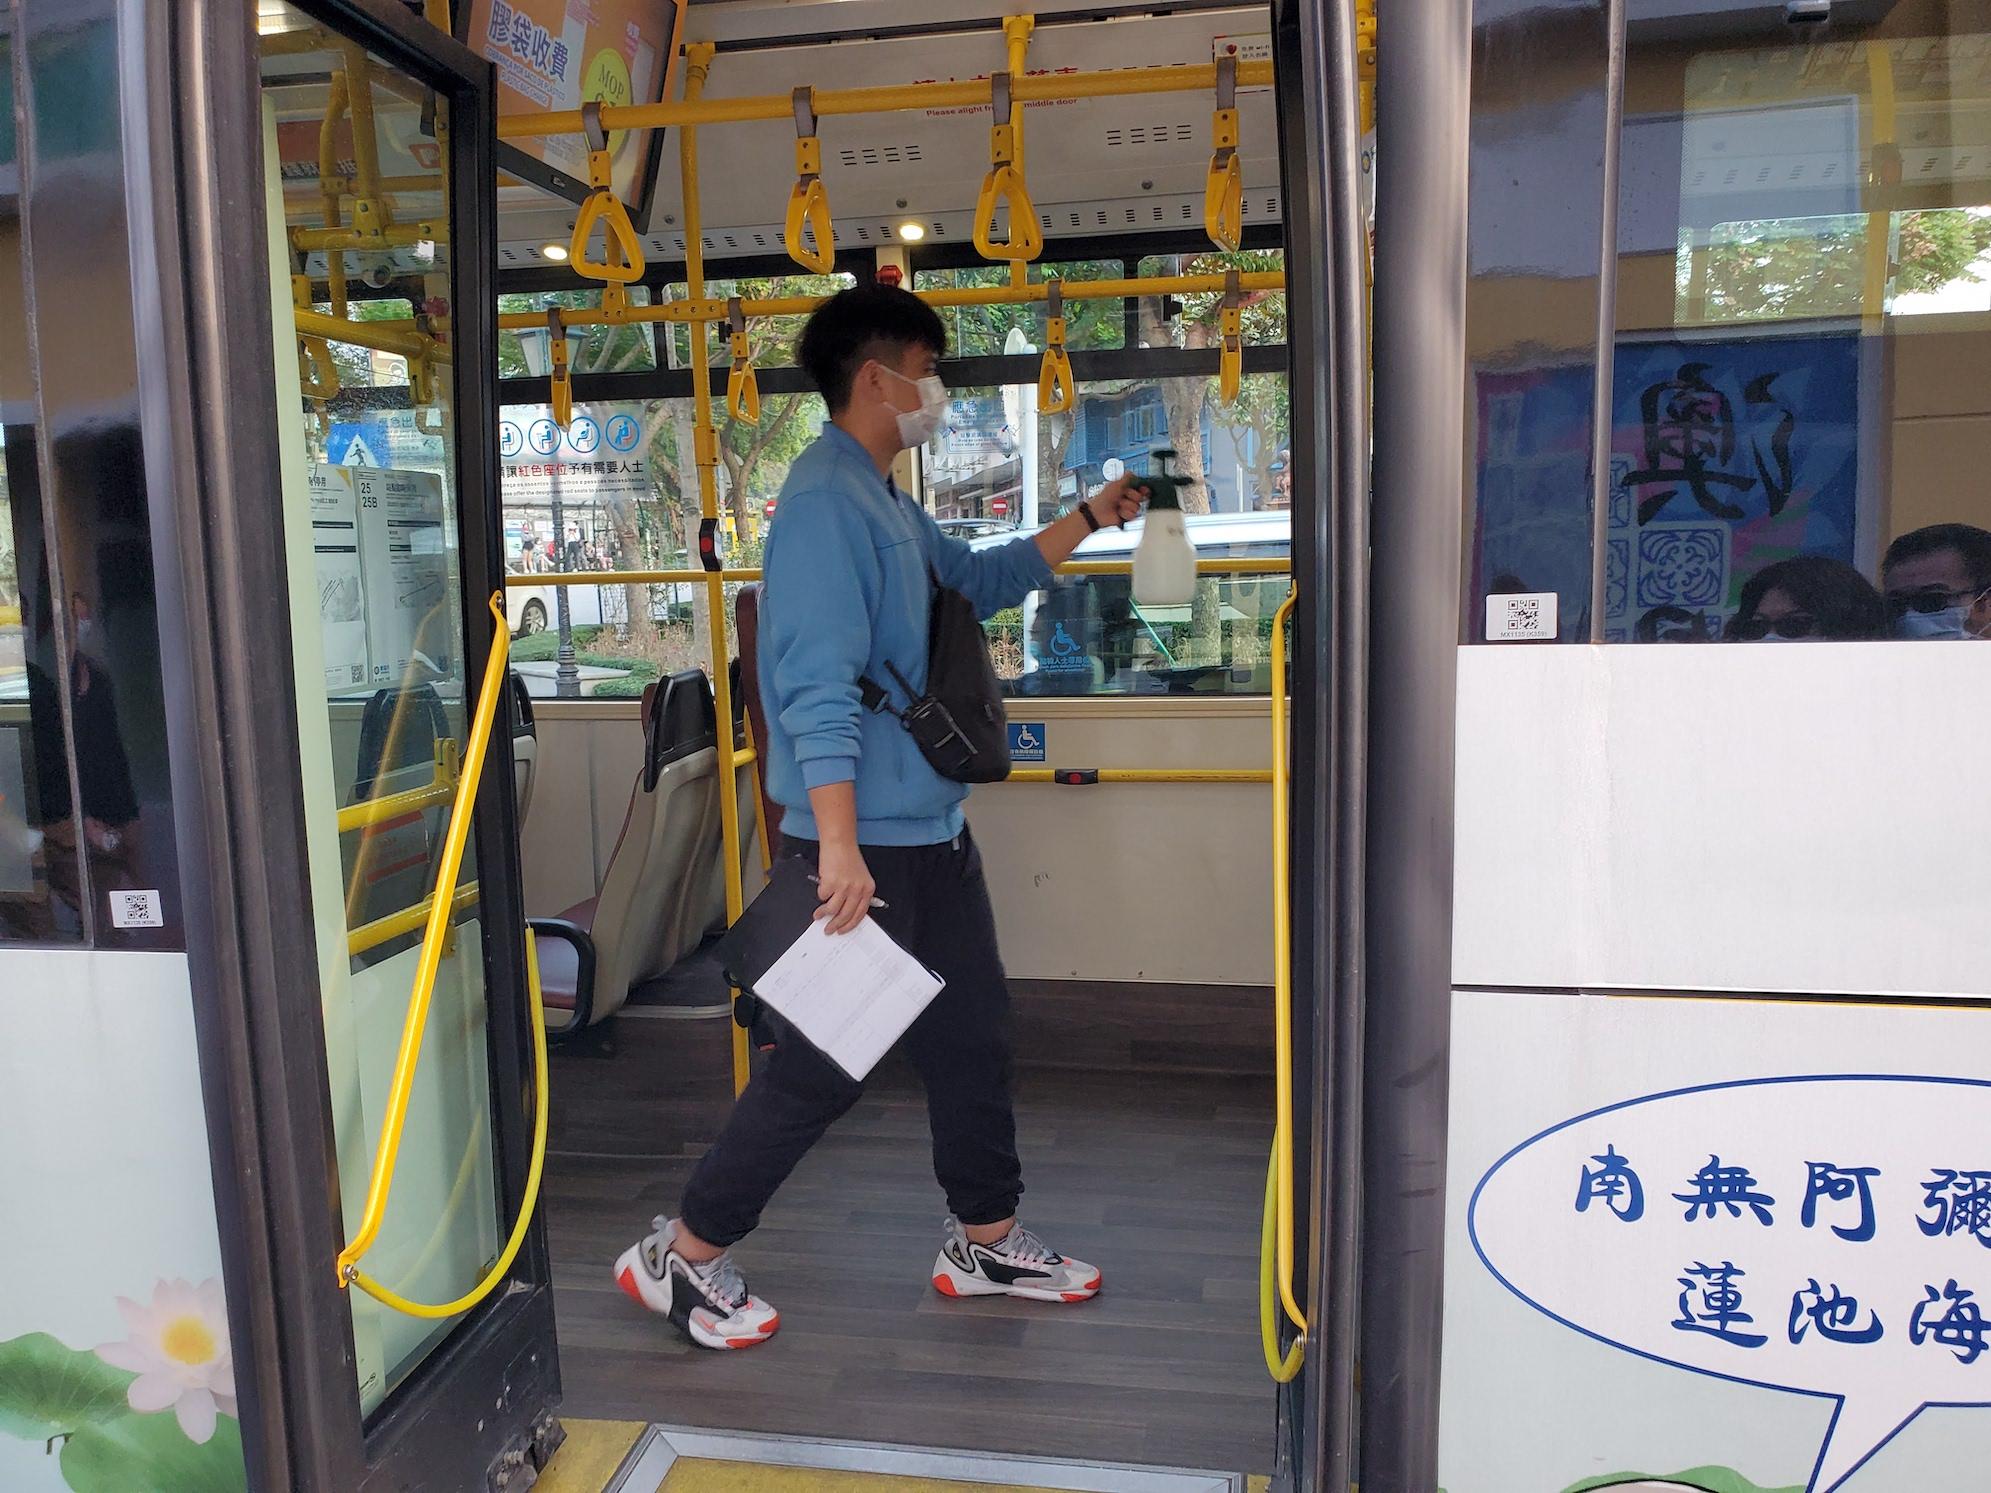 Covid-19 | Passageiros dos autocarros 17 e 19 devem contactar autoridades